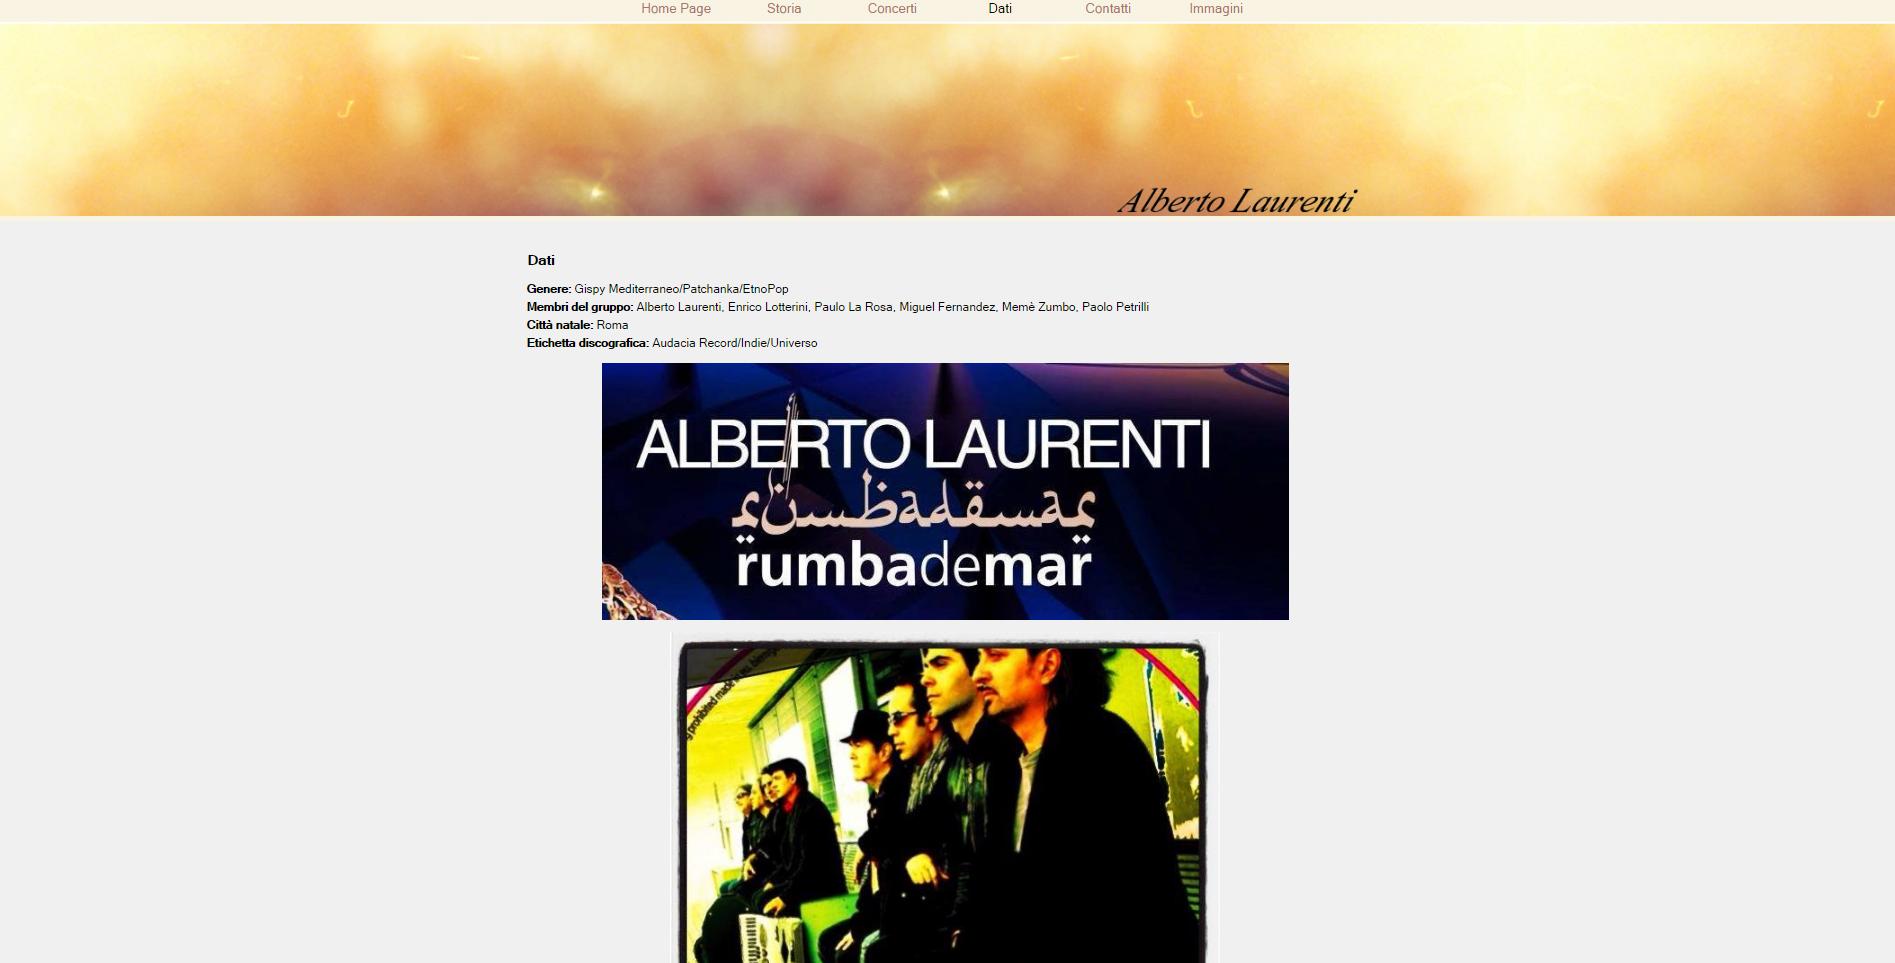 Albertolaurenti.it